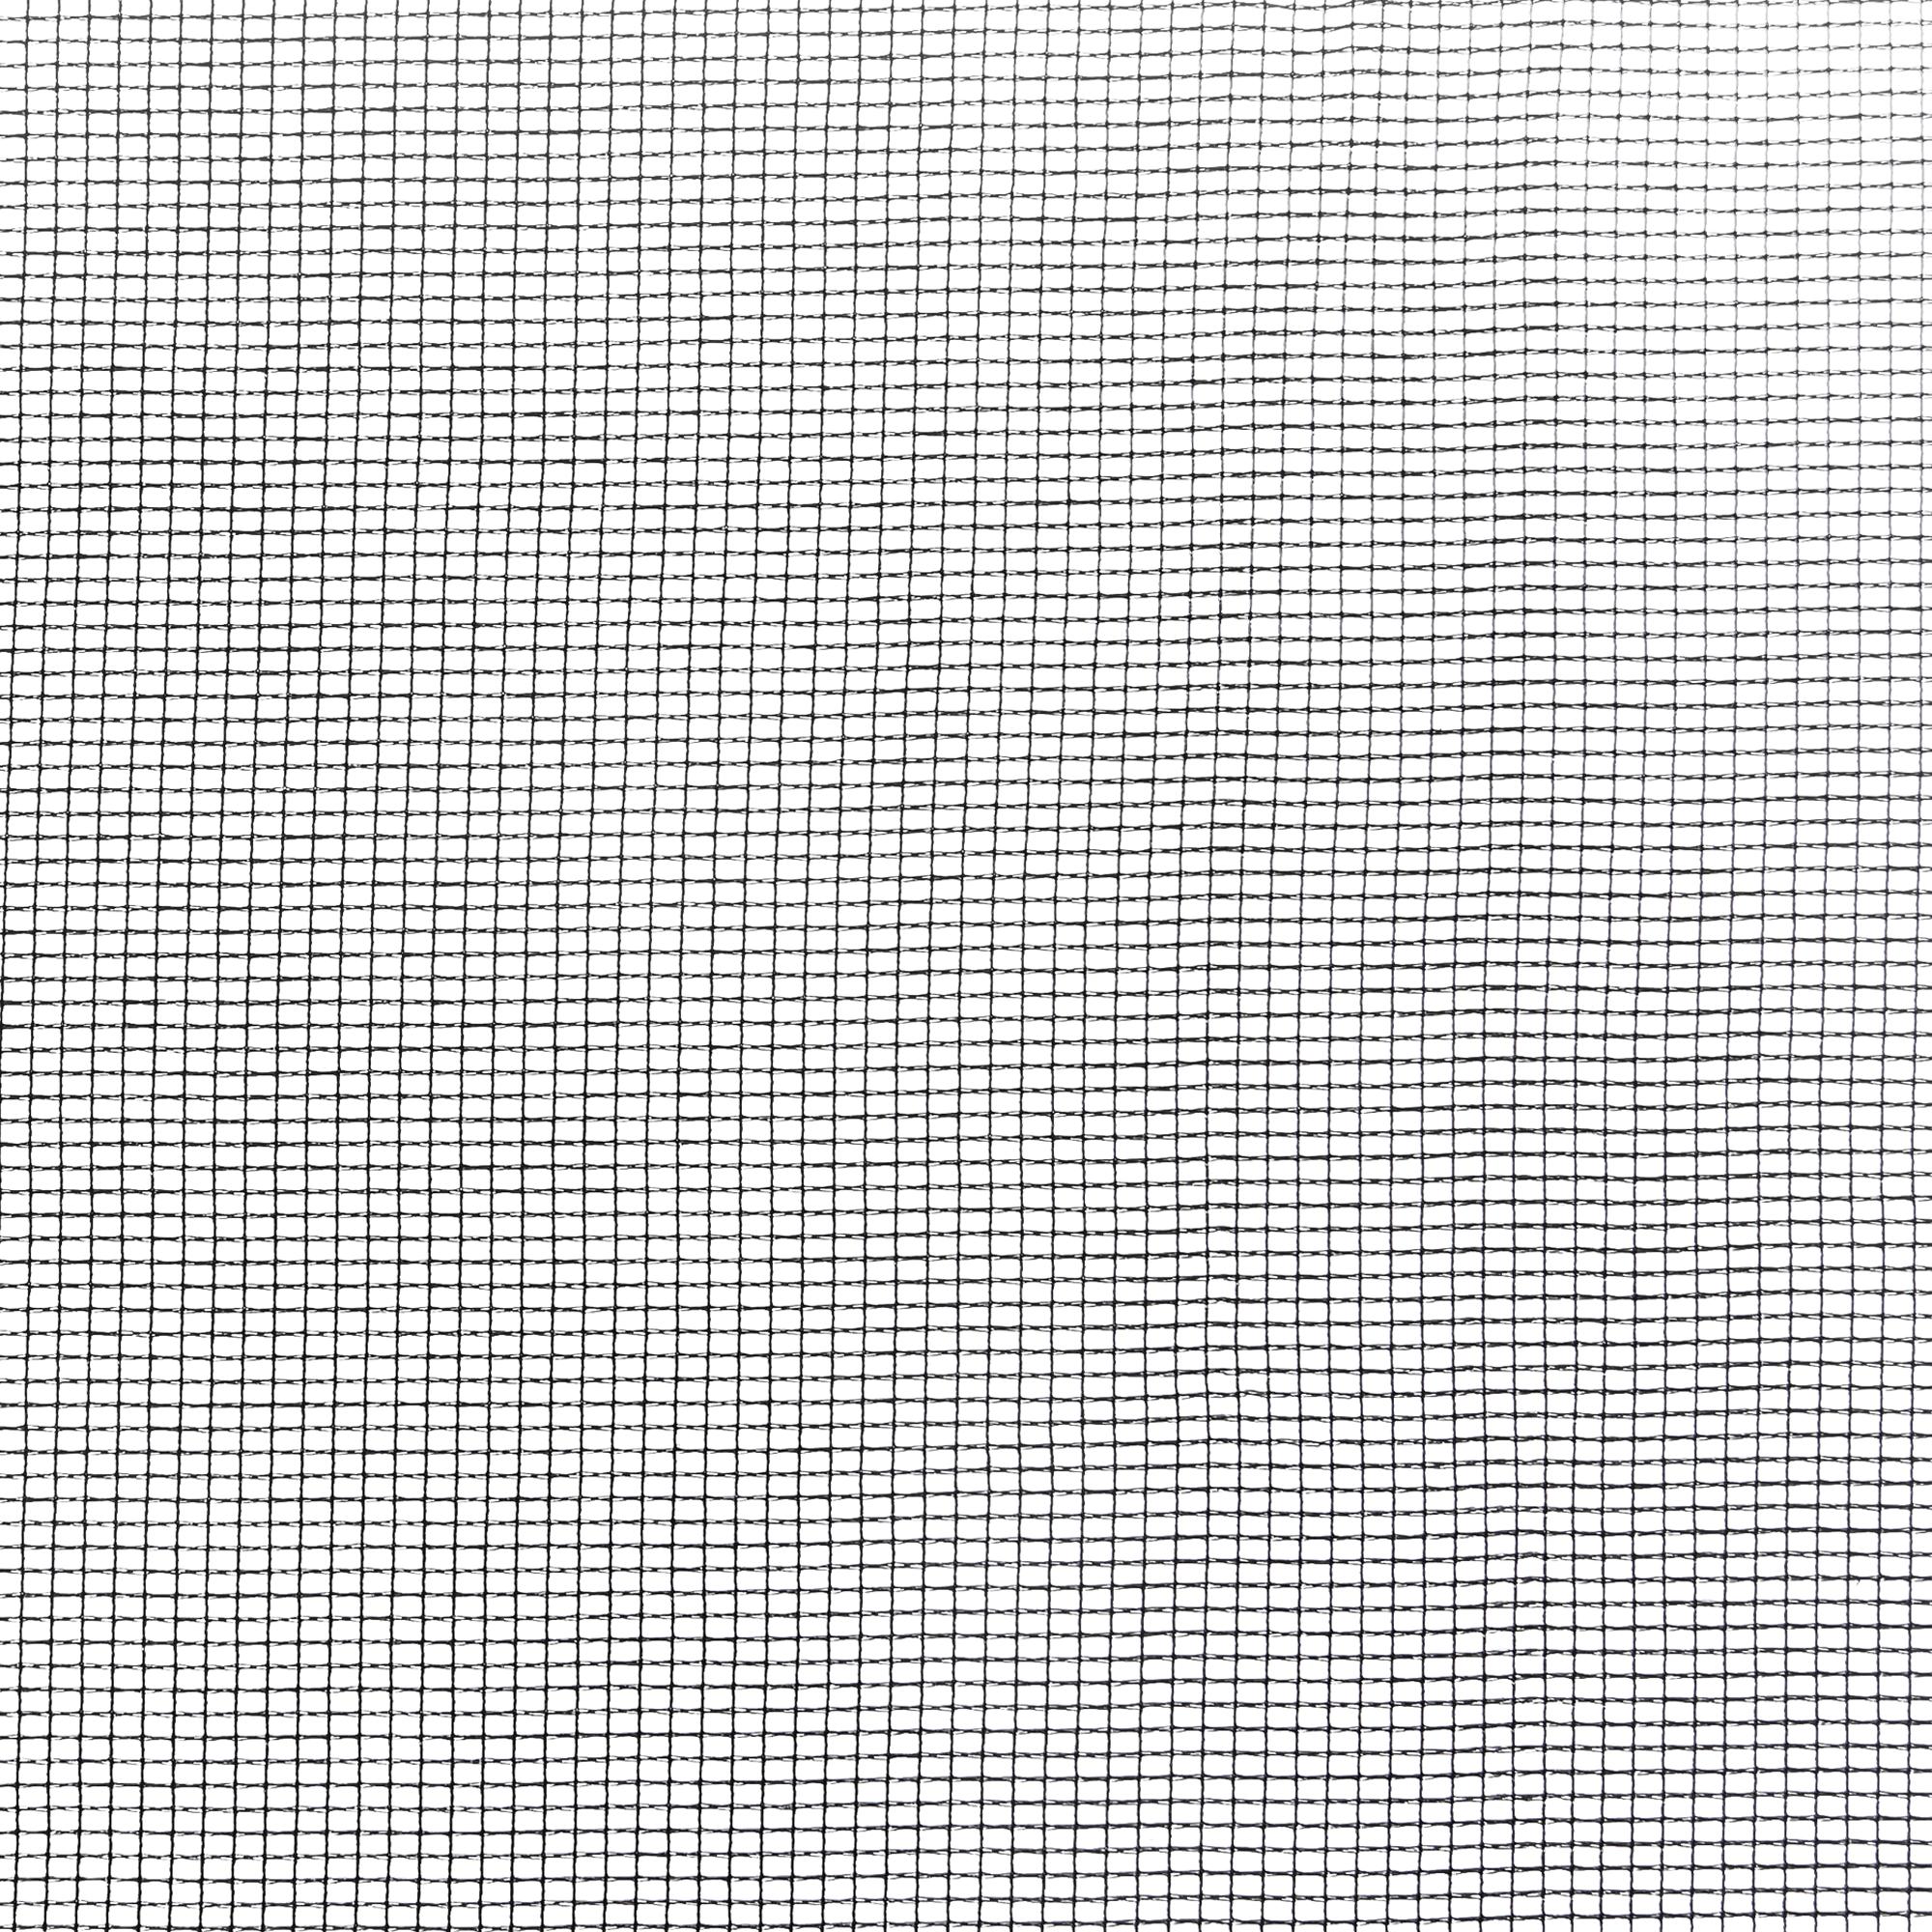 durchsichtig Fenster Fliegengitter zuschneidbar f/ür alle Fenster bis 130x150 cm Fliegennetz Gitter 3er Pack Schutz vor Insekten wie Fliegen und M/ücken Insektenschutz Fliegenschutz Netz